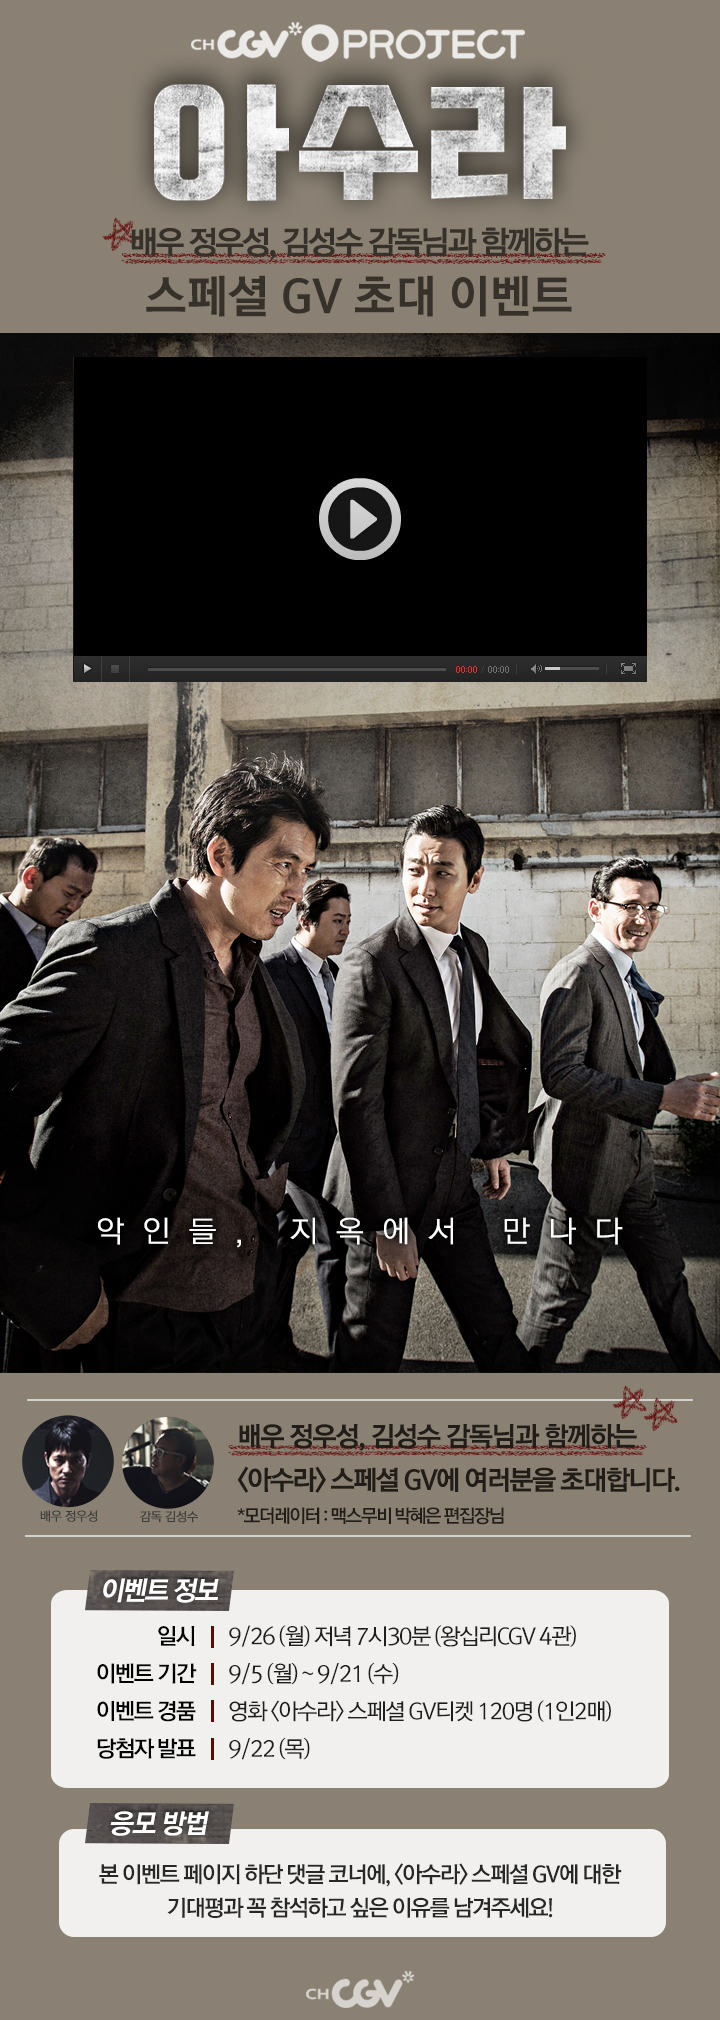 배우 정우성, 김성수 감독과 함께하는 [아수라] 스페셜 GV 초대 이벤트